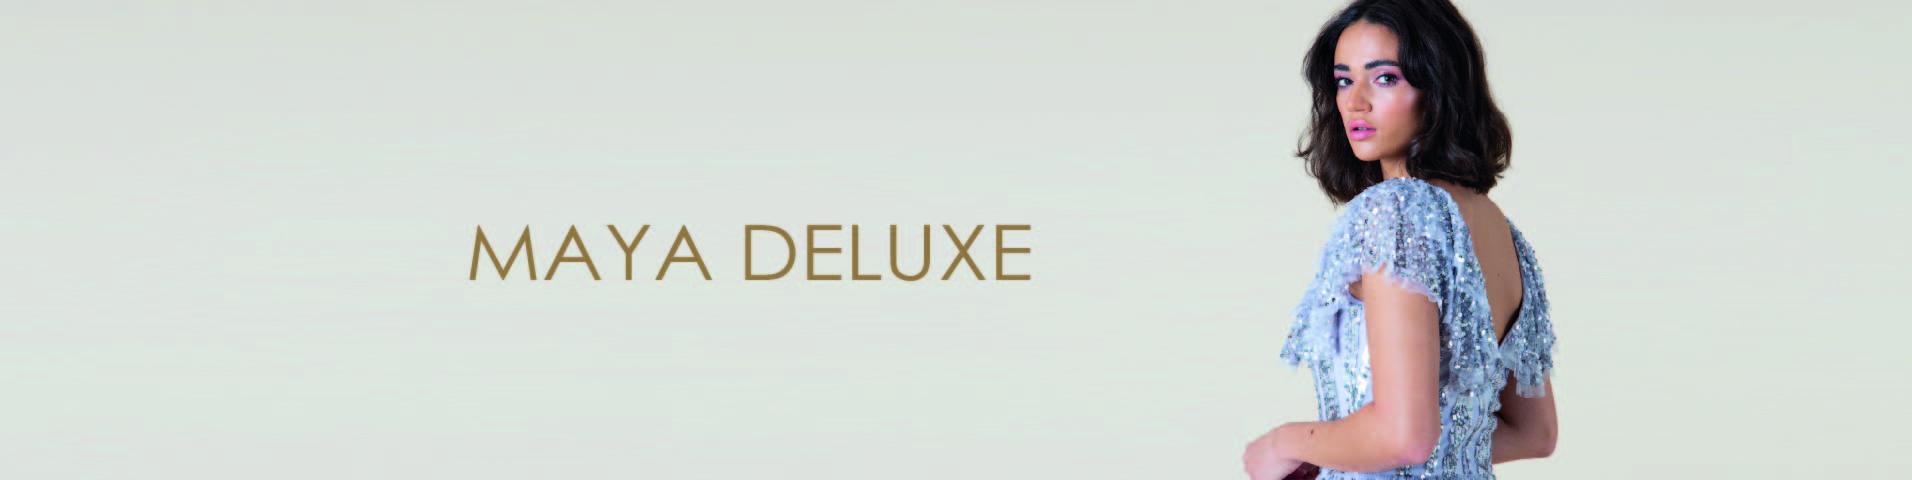 Günstige Maya Deluxe Mode für Damen im SALE online kaufen  Zalando